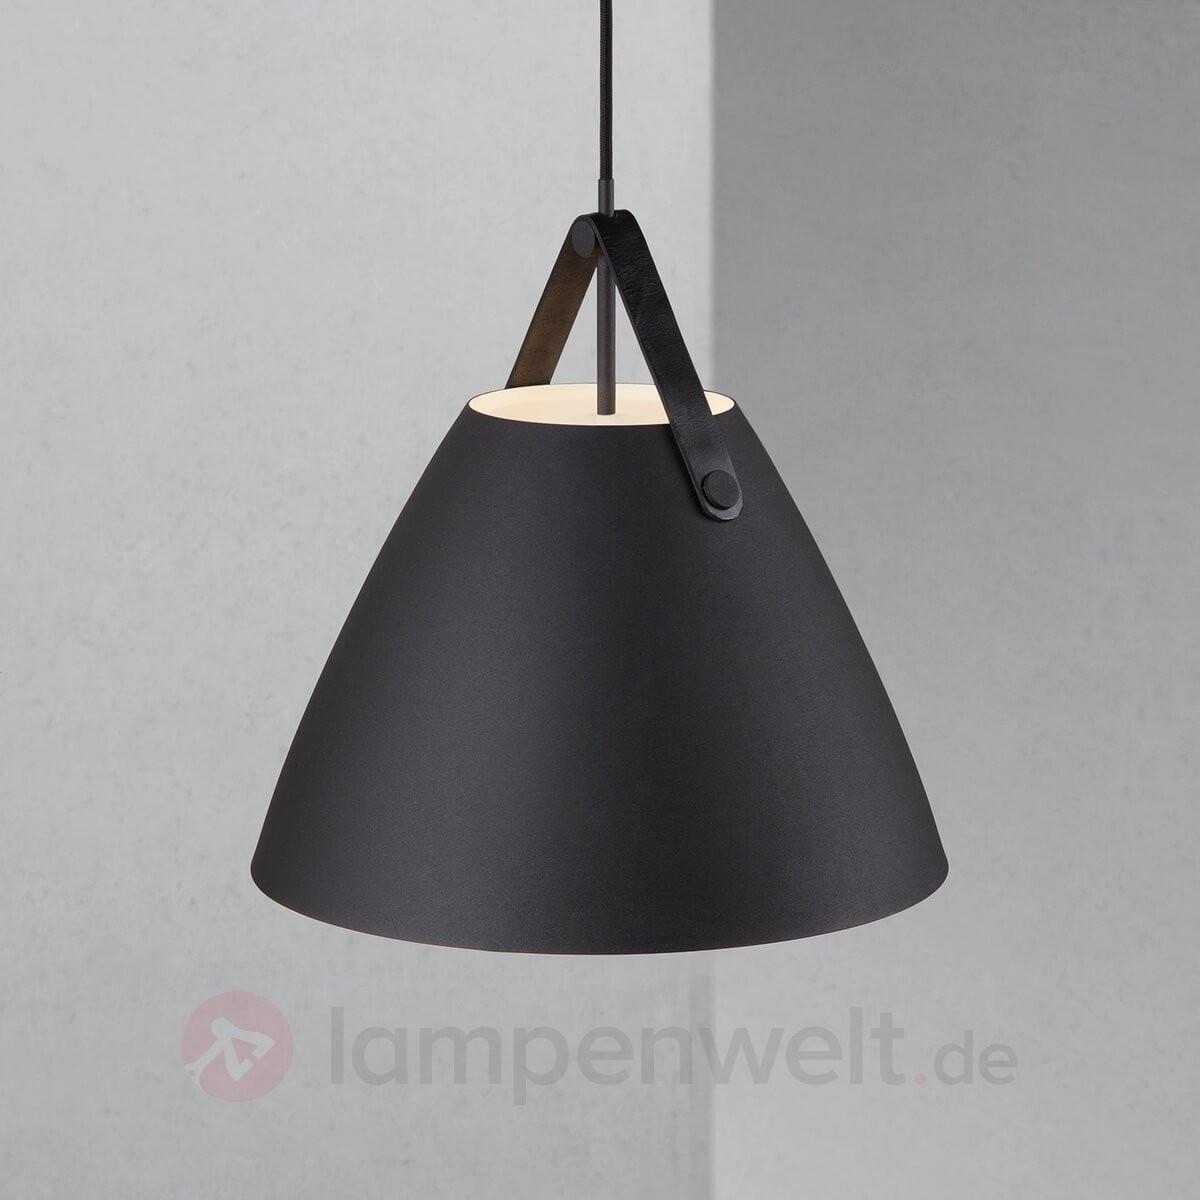 Hängeleuchte LED schwarz, Hängelampe schwarz LED, LED Lampe schwarz, Ø 16 cm